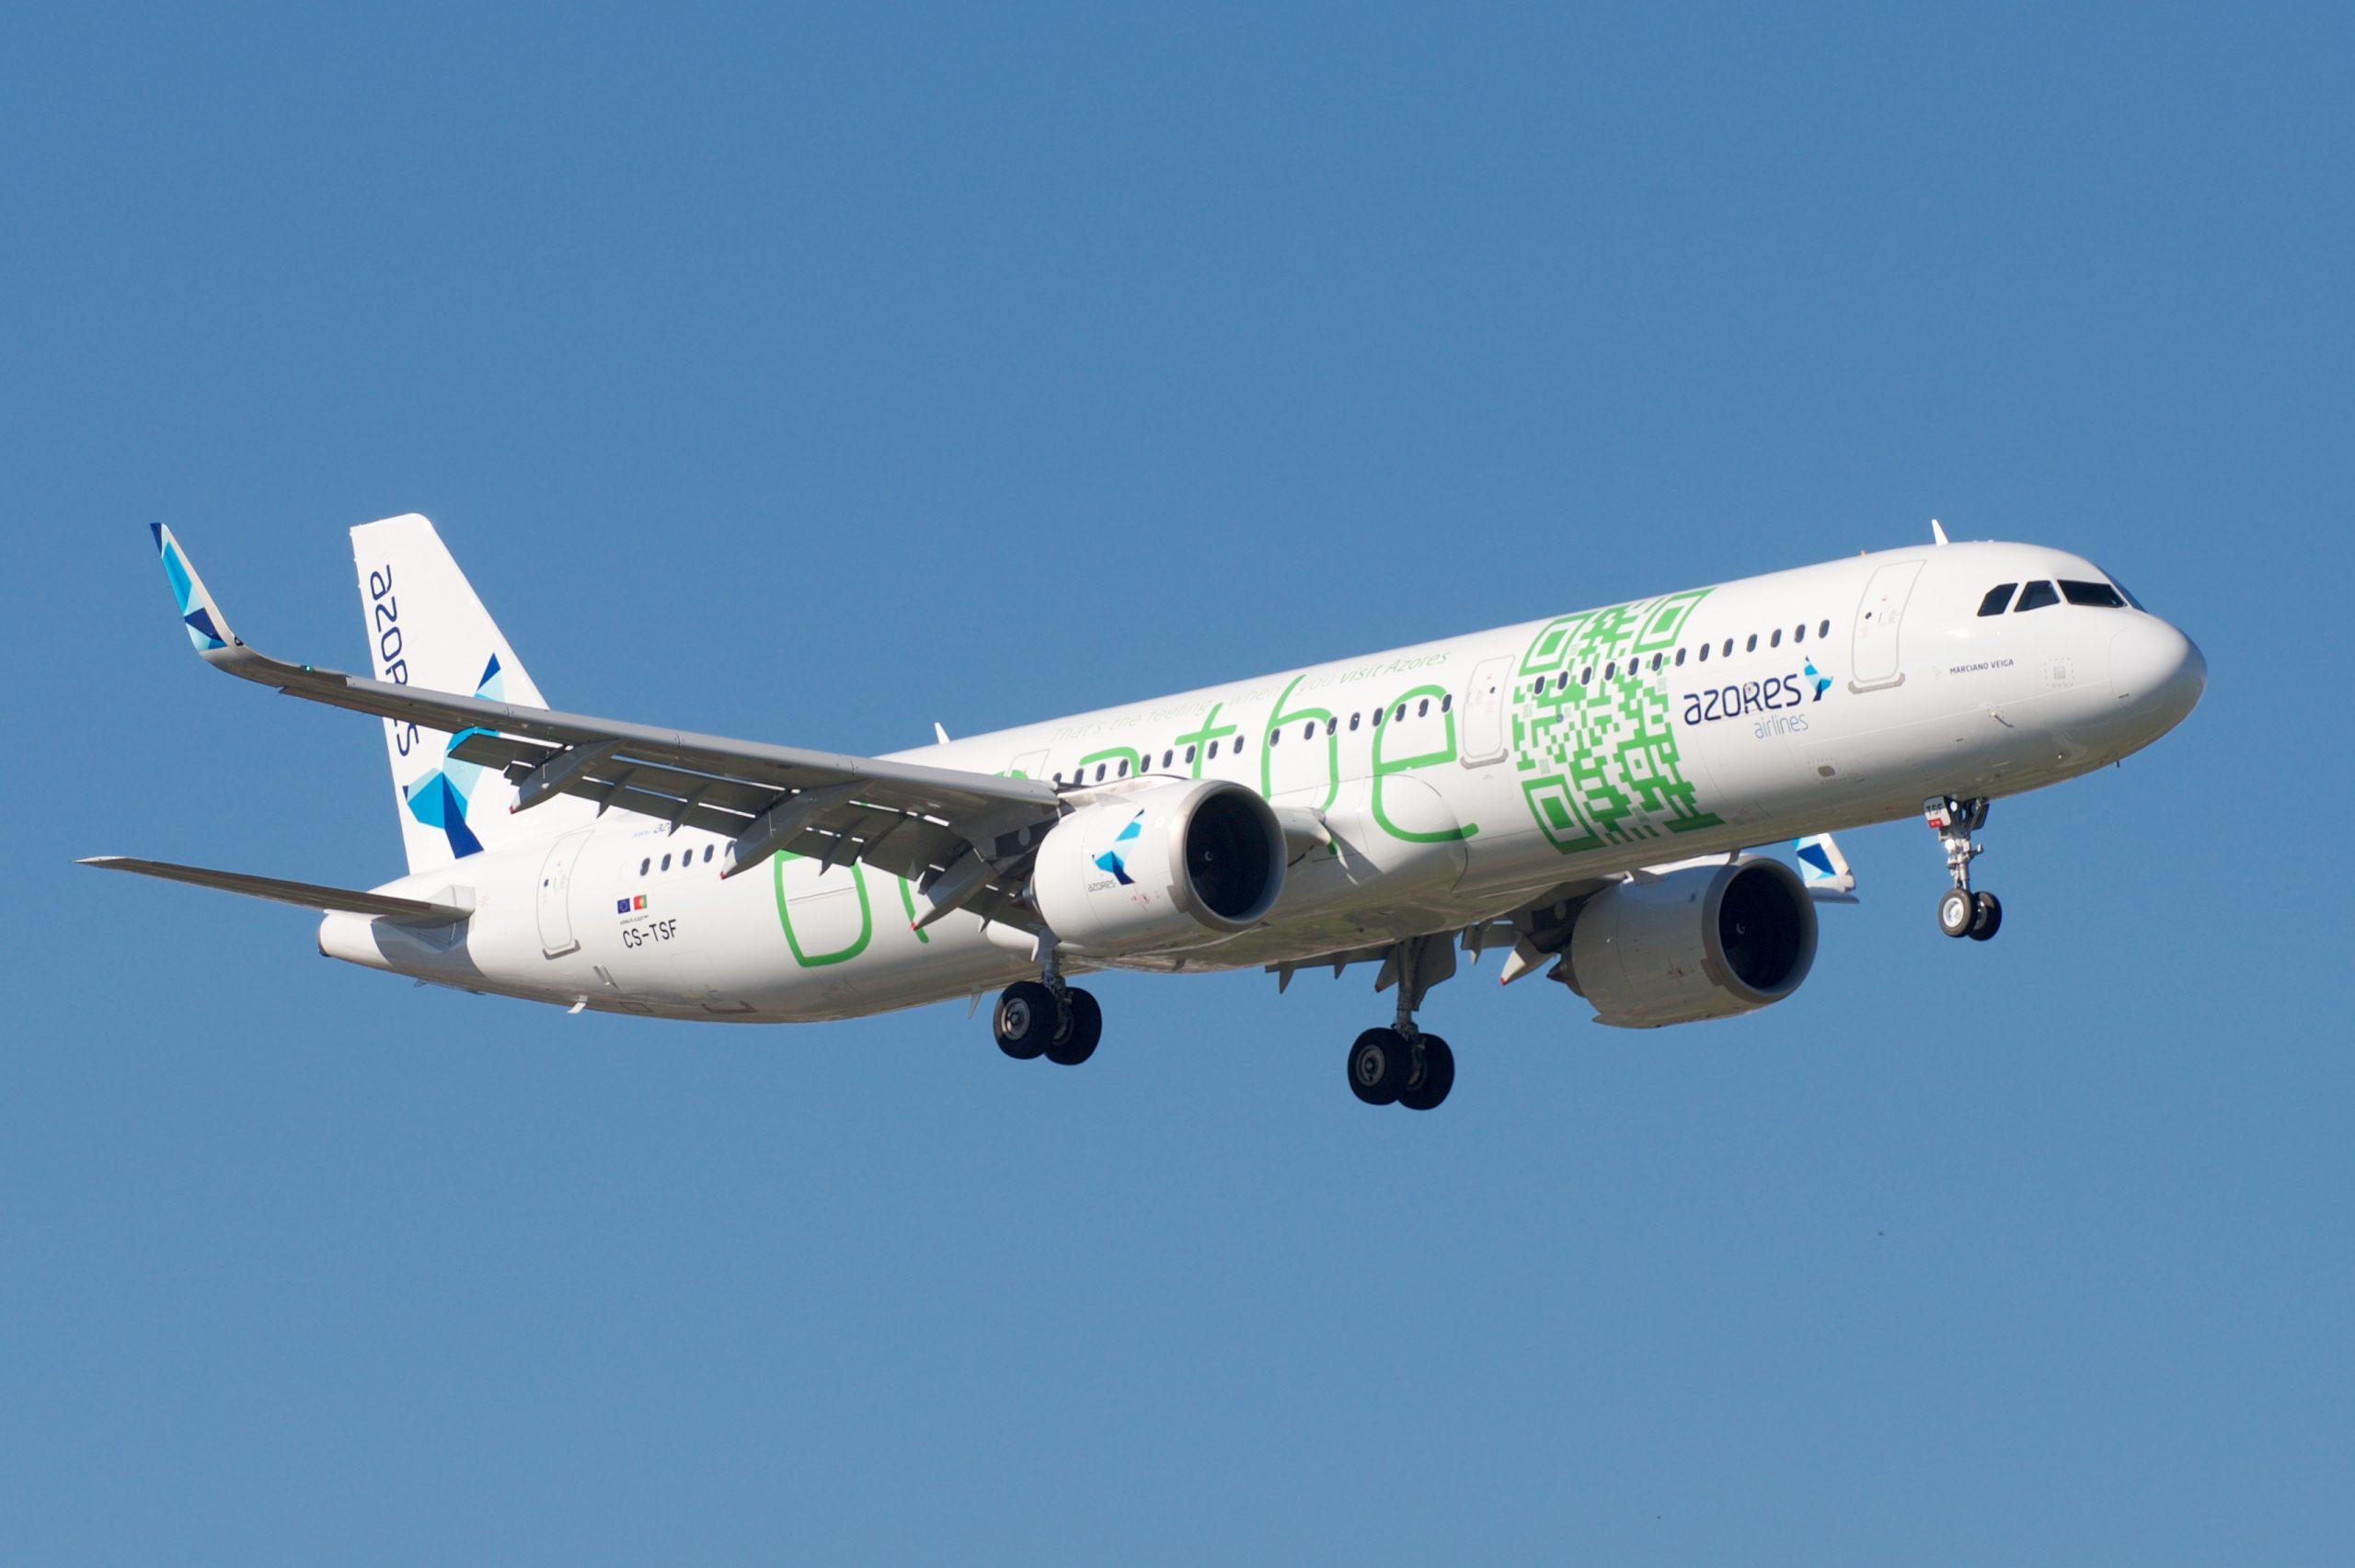 En Airbus A321LR fra Azores Airlines. Foto: BriYYZ, CC 2.0